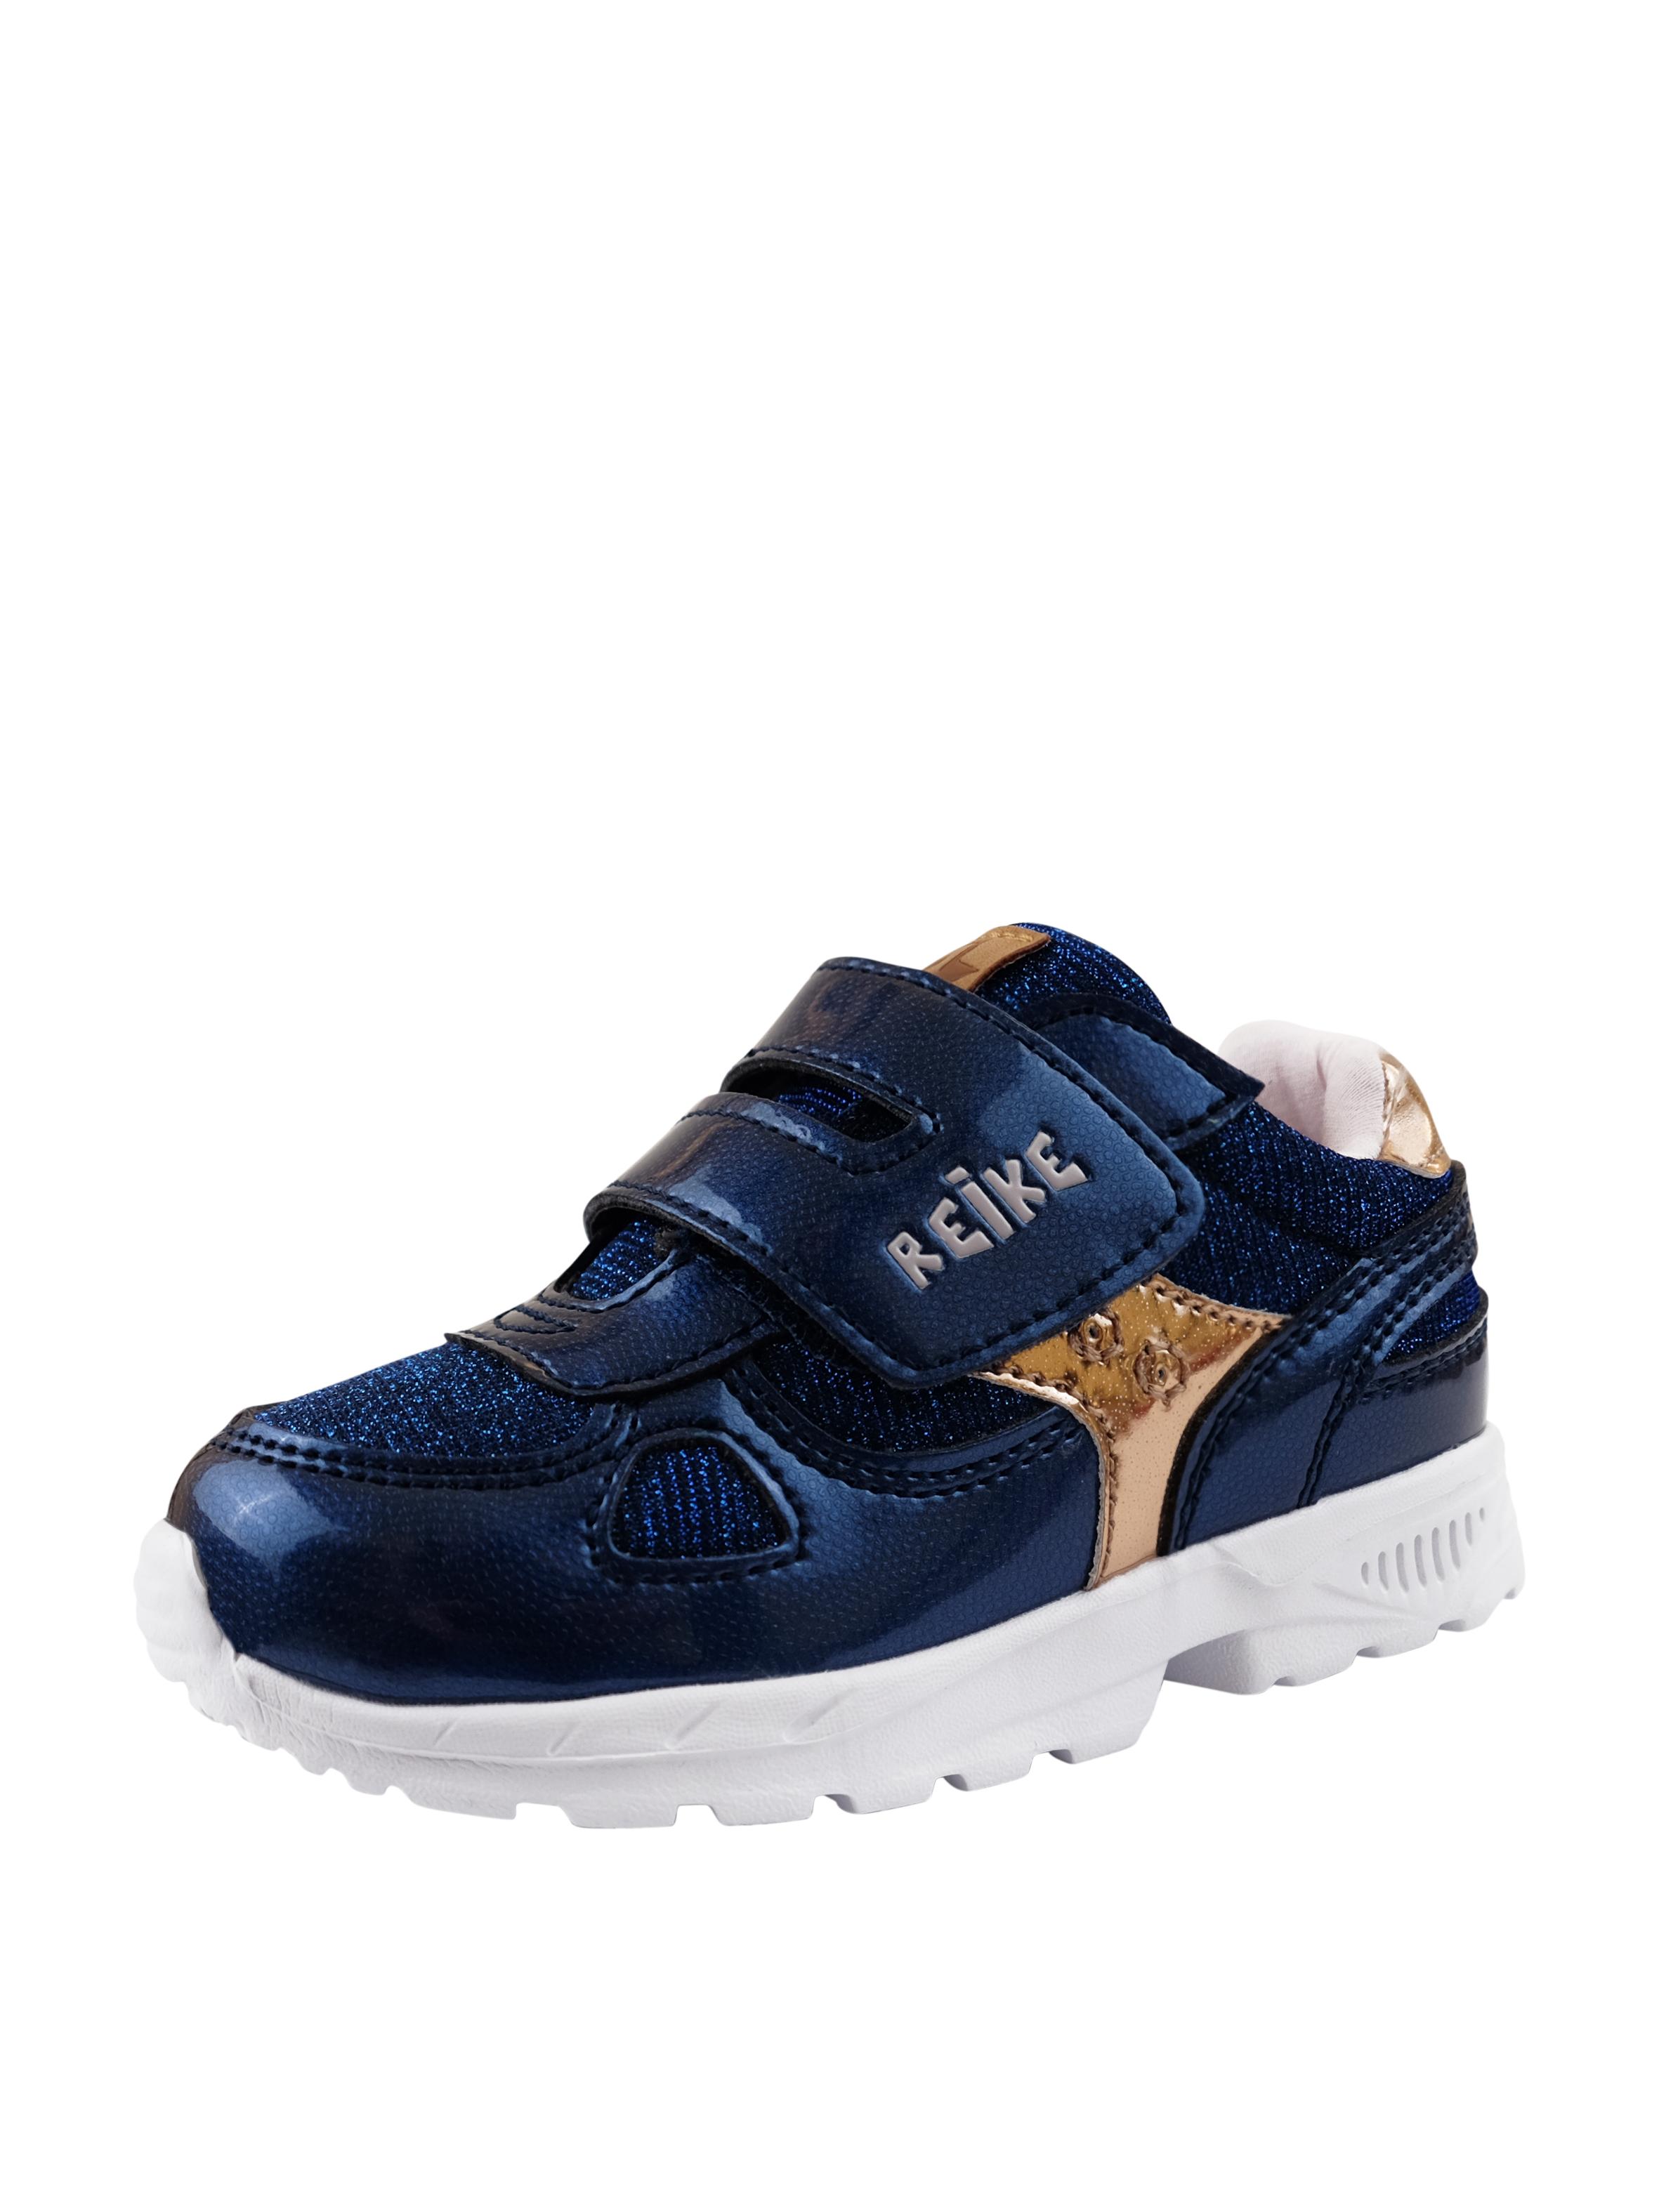 Купить RST20-012 BS navy, Кроссовки для девочки Reike Basic navy р.25, Детские кроссовки